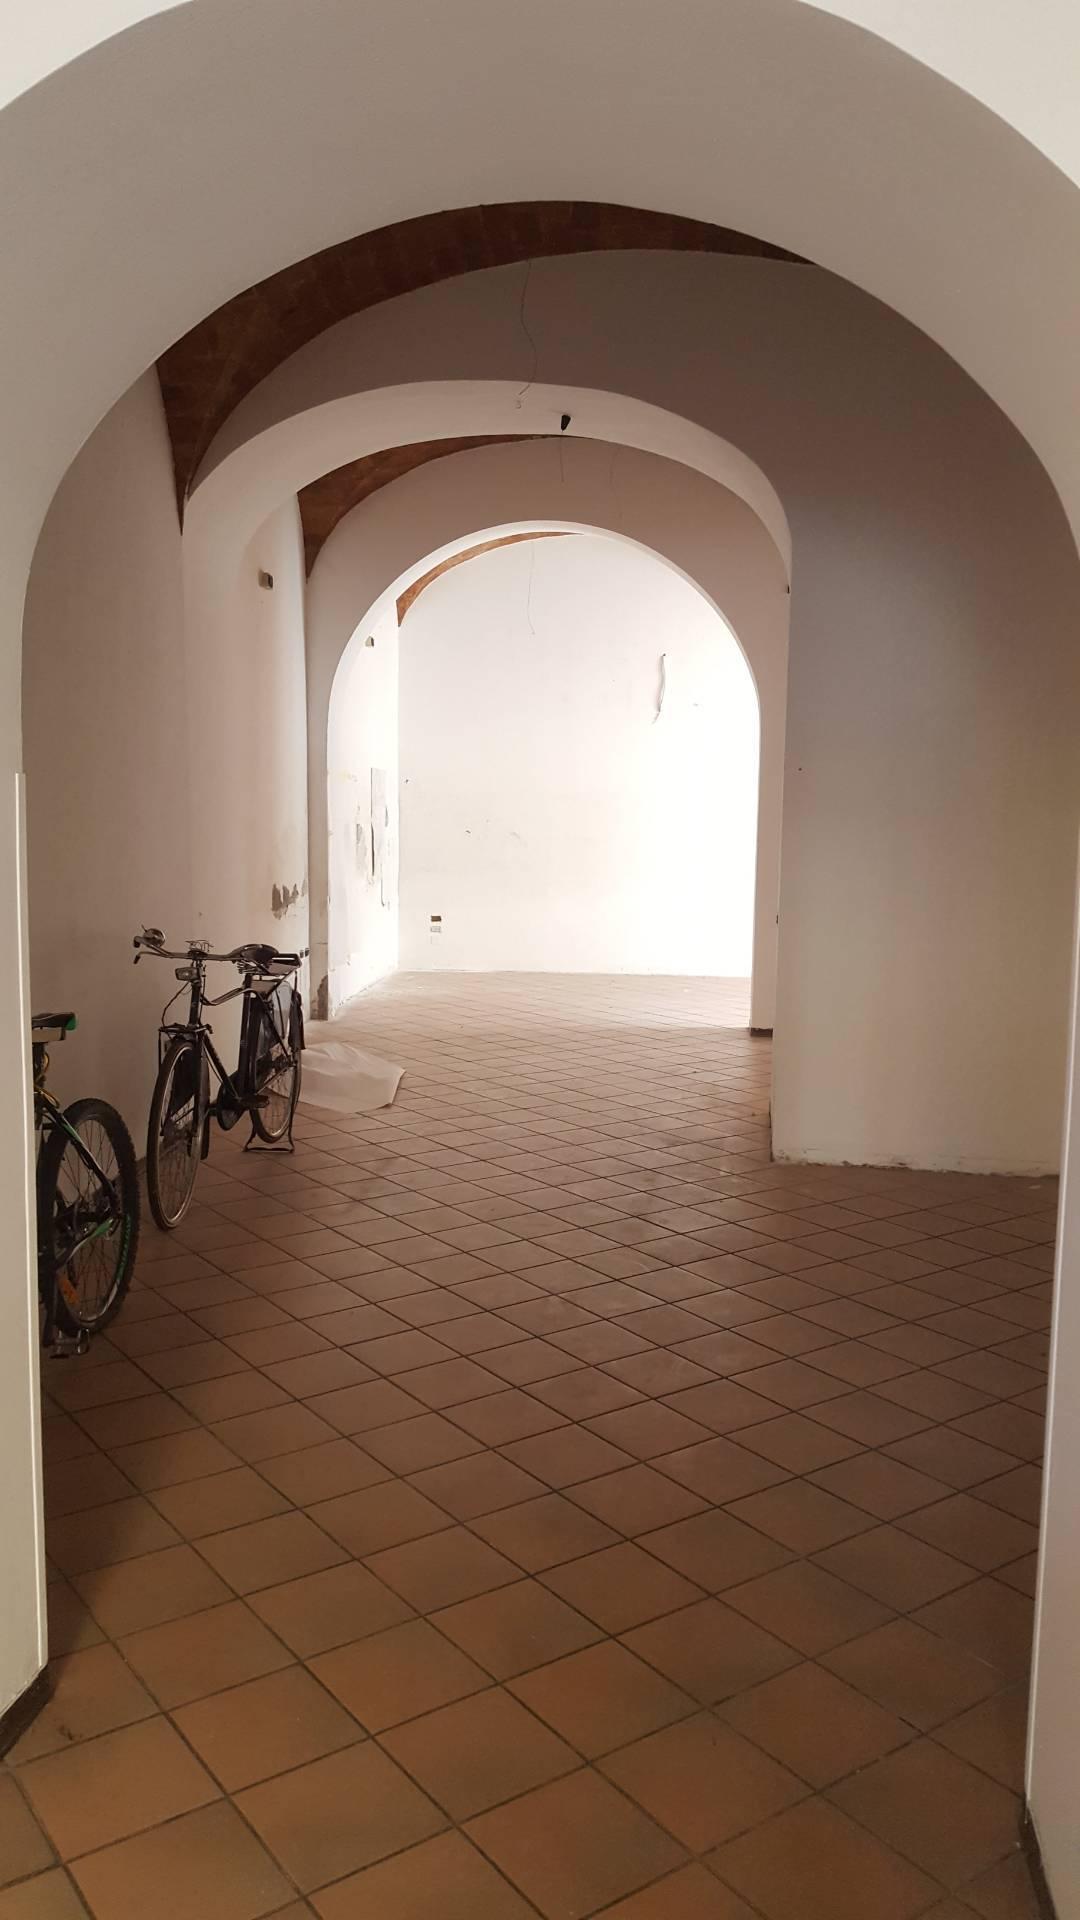 Negozio / Locale in affitto a Teramo, 9999 locali, zona Zona: Centro , prezzo € 750 | CambioCasa.it